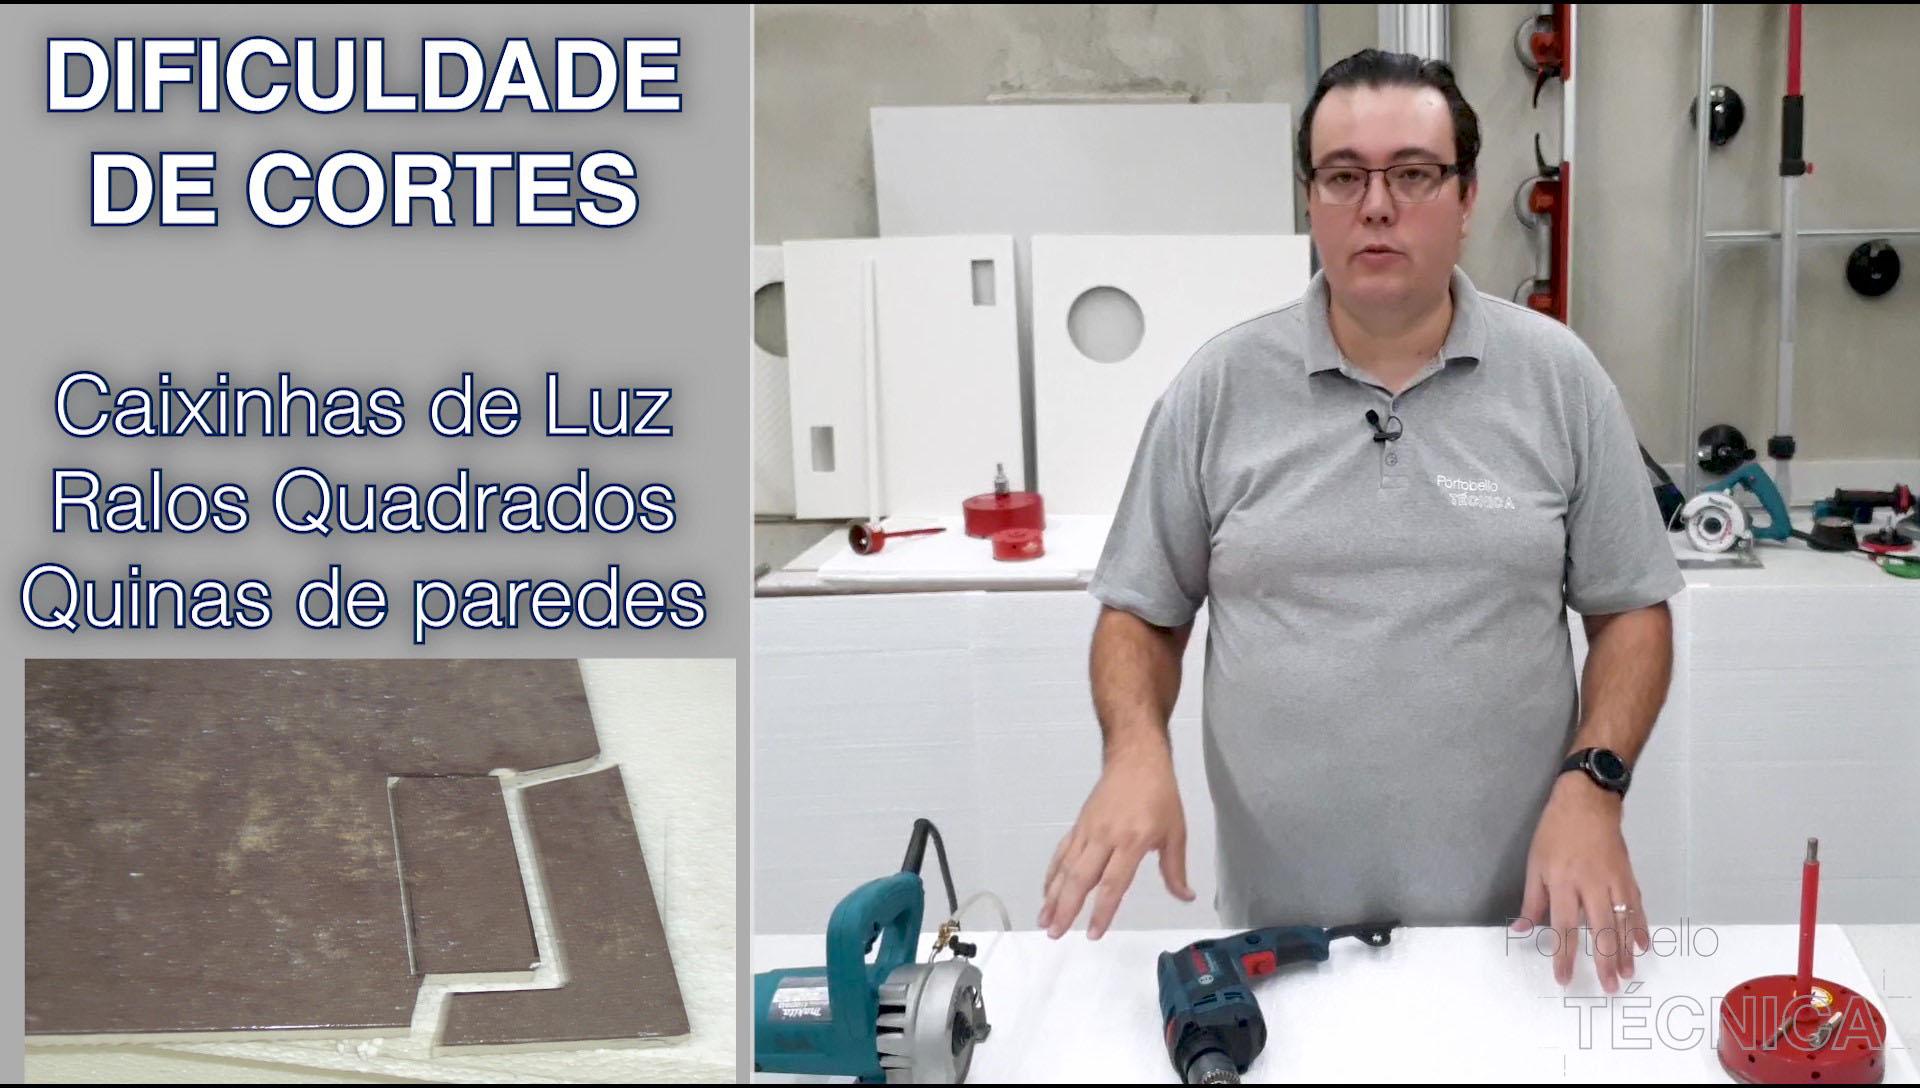 Dificuldade de Cortes de Porcelanatos - Caixinhas e Quinas de paredes